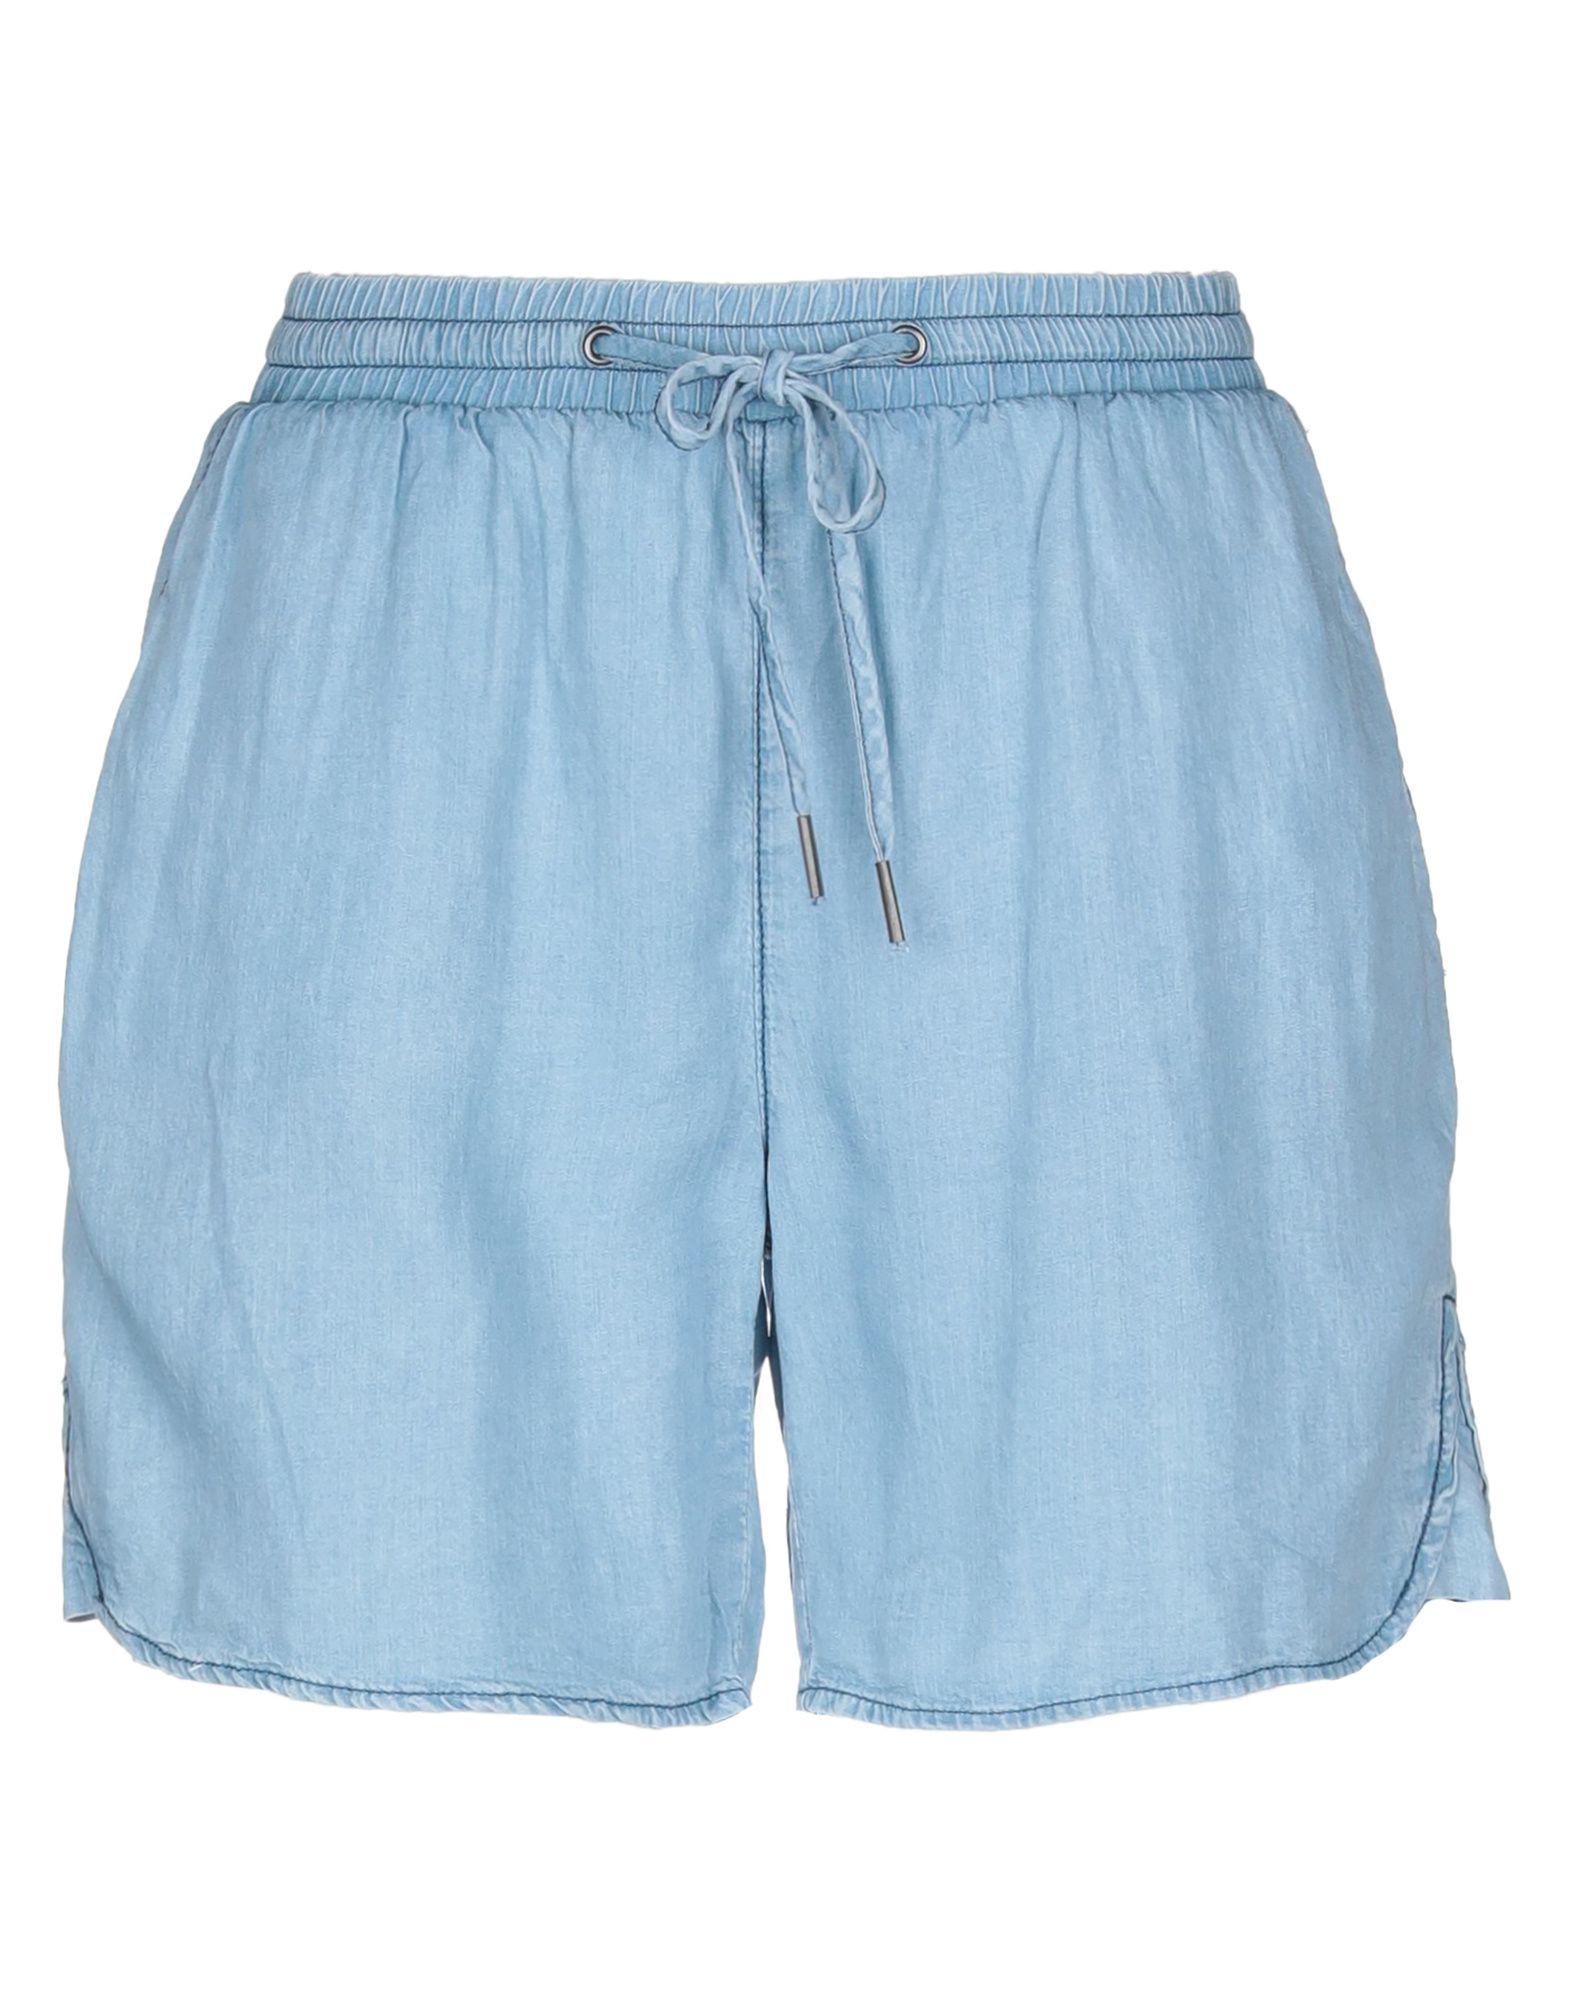 GARCIA JEANS Джинсовые бермуды masons jeans джинсовые бермуды